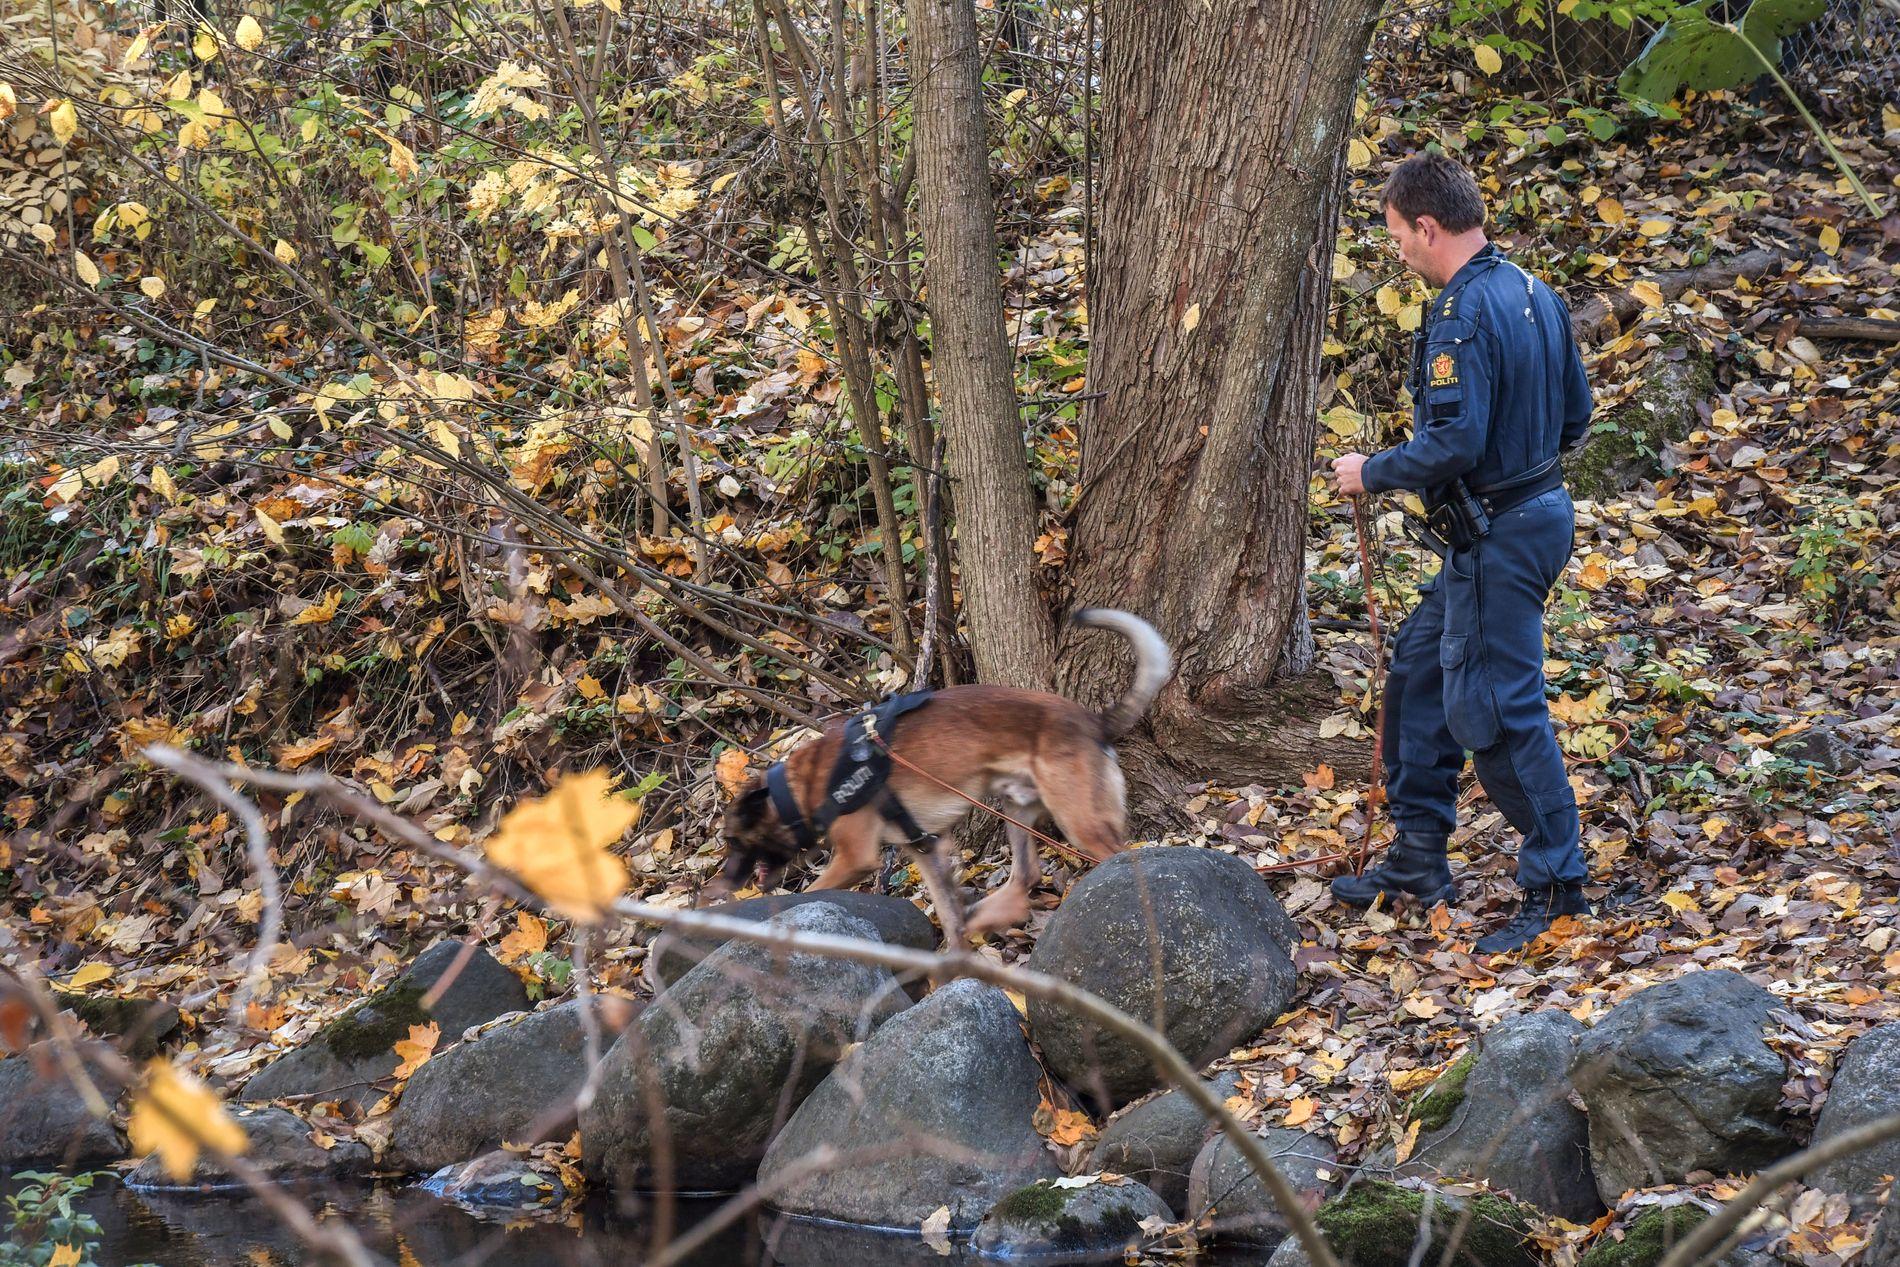 FLERE FUNN: Politiet har gjort flere funn ved undersøkelser av området fra Frognerparken og til Skøyen.